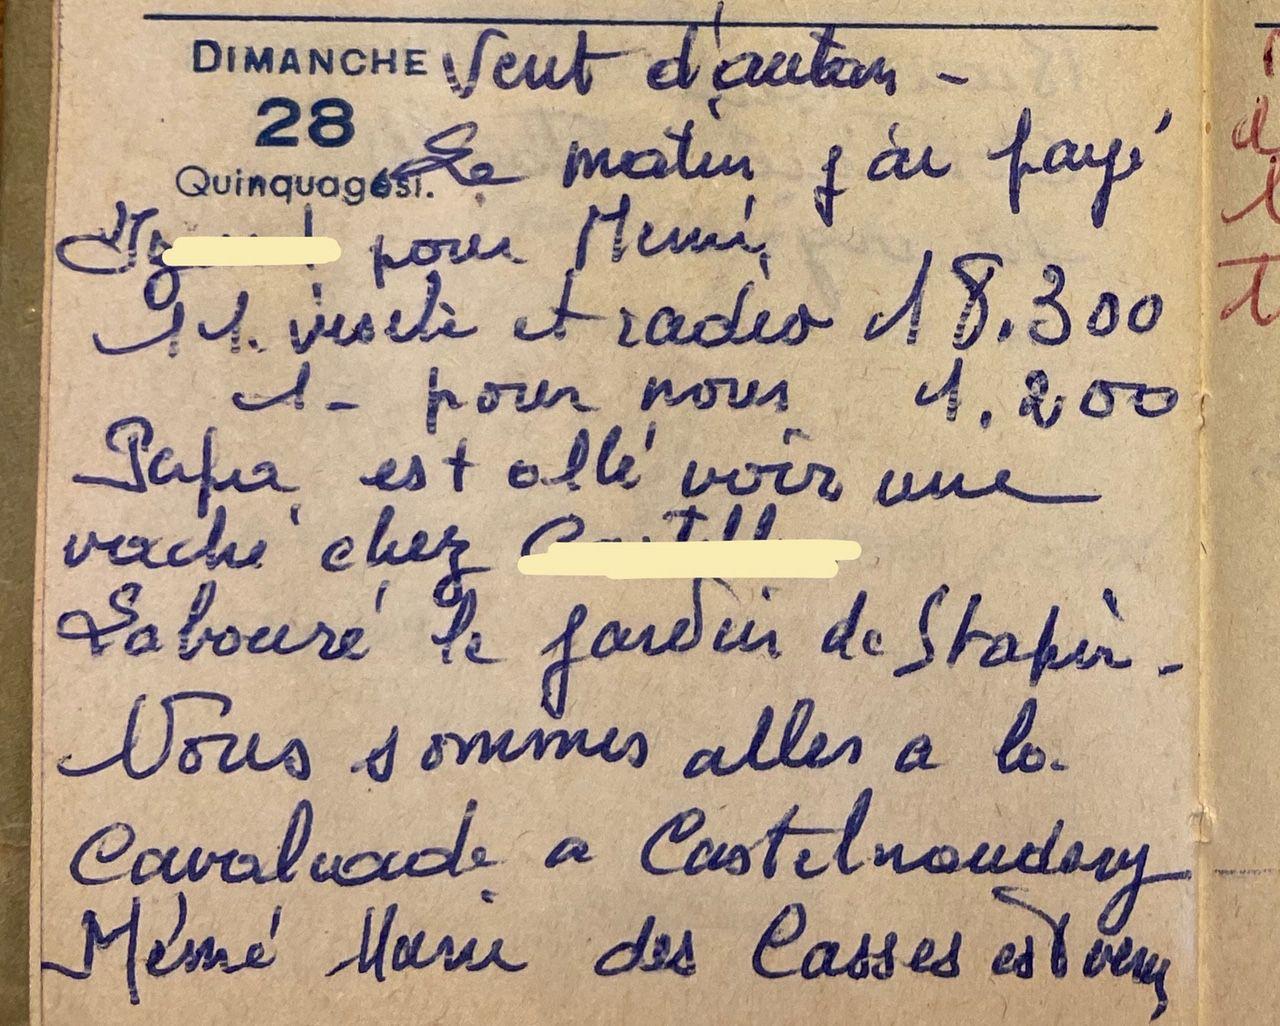 dimanche 28 février 1960 - payer le médecin